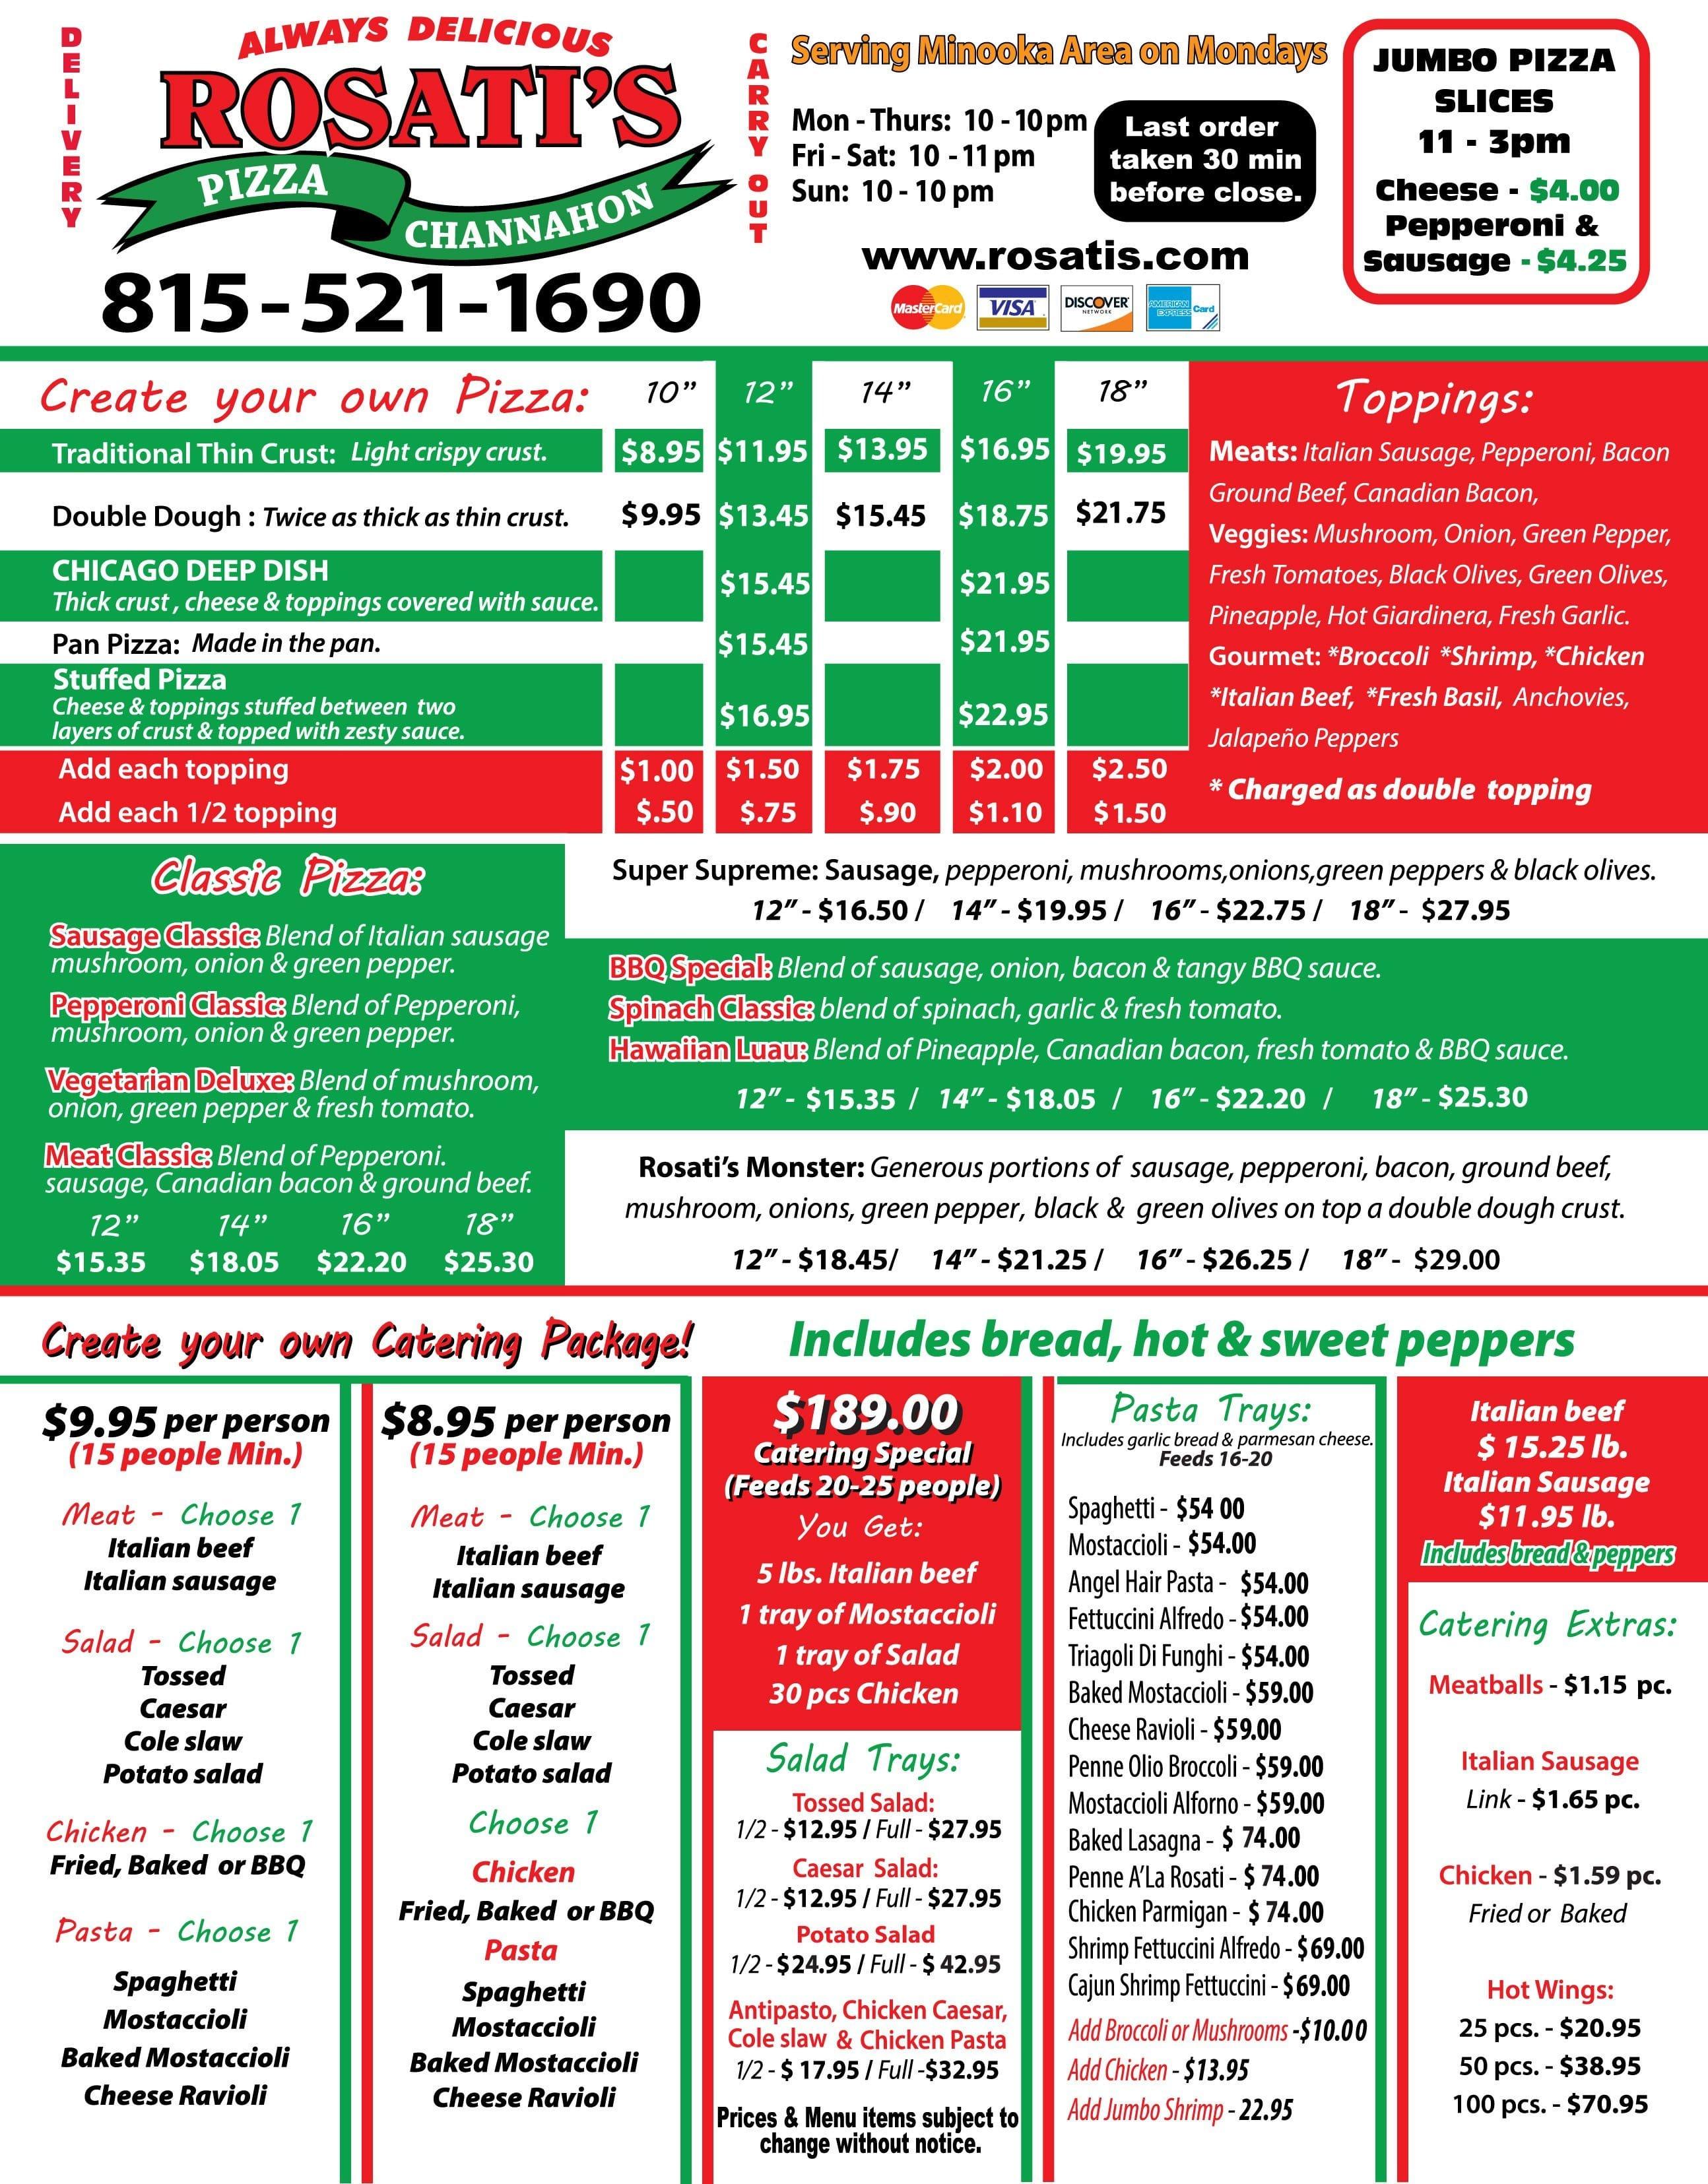 Menu At Rosatis Pizza Pizzeria Channahon W Eames St